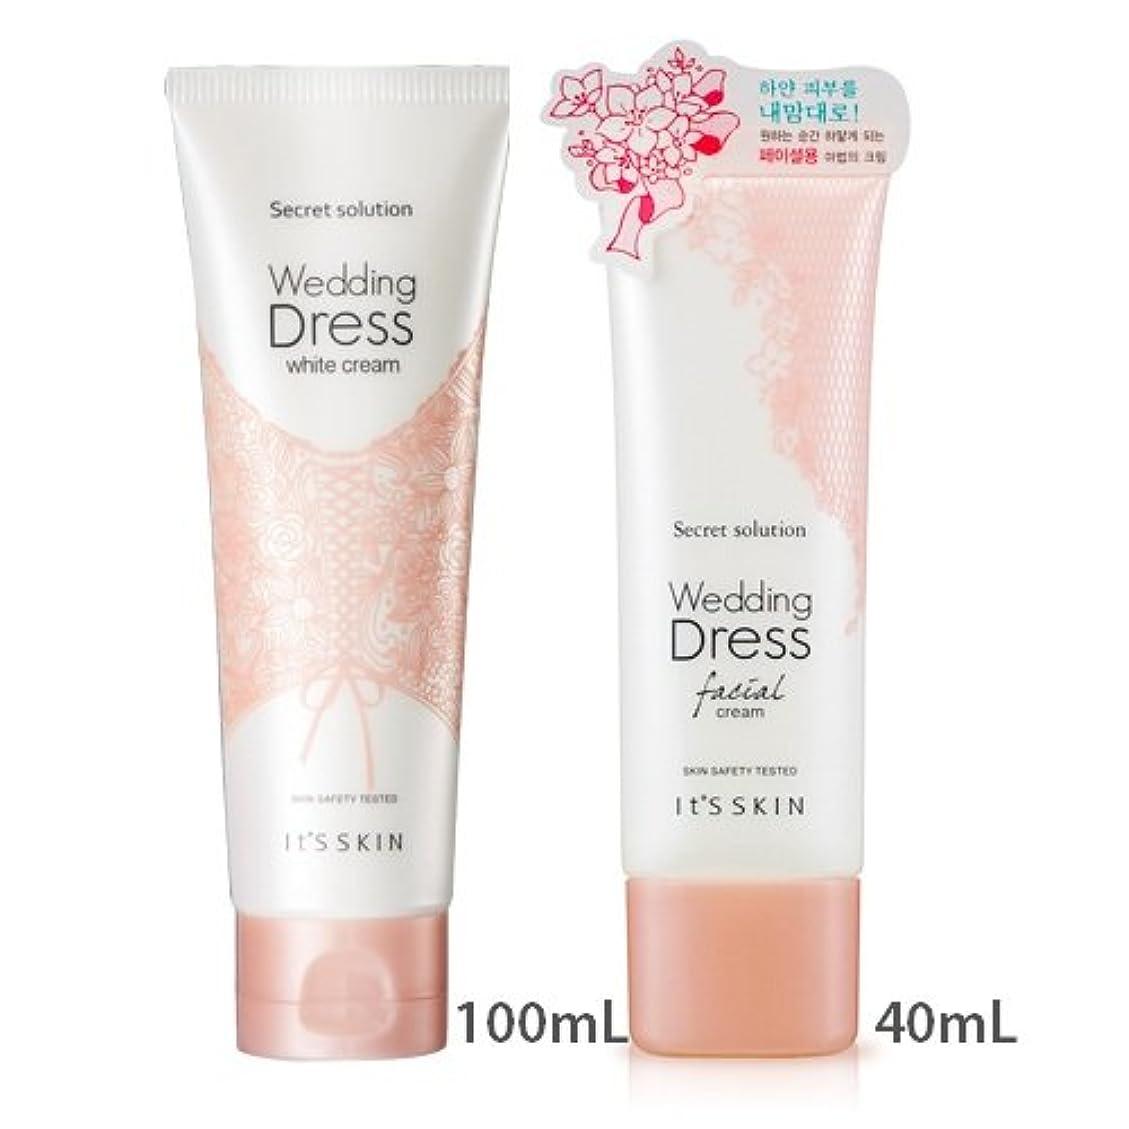 重要試すせっかち[1+1] It's skin Secret Solution Wedding Dress Facial Cream 40mL + Secret Solution Wedding Dress Cream 100mL イッツスキン...